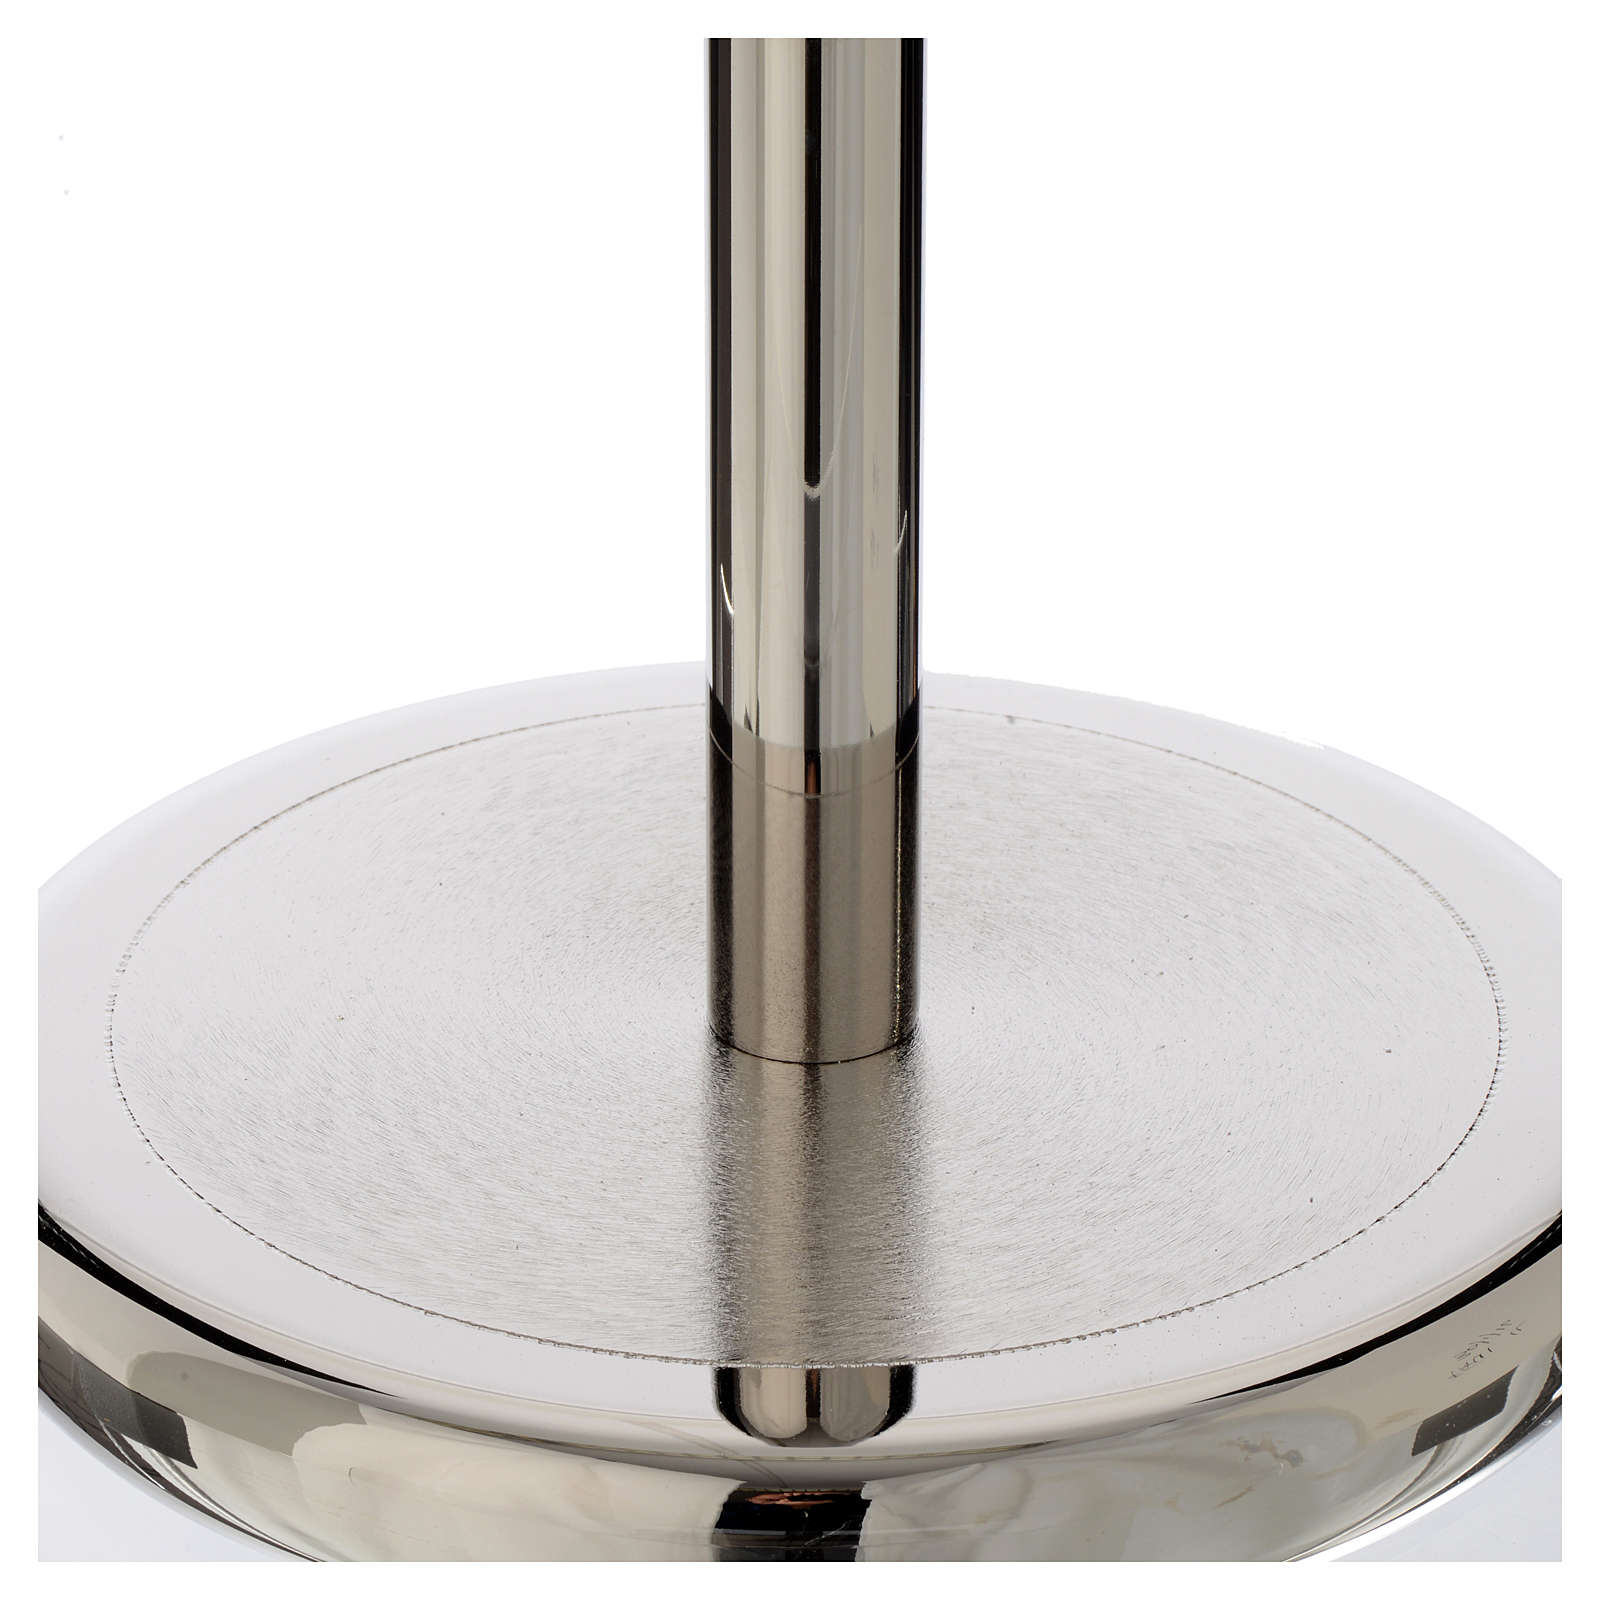 Base per croce astile ottone nikelato lucido 4